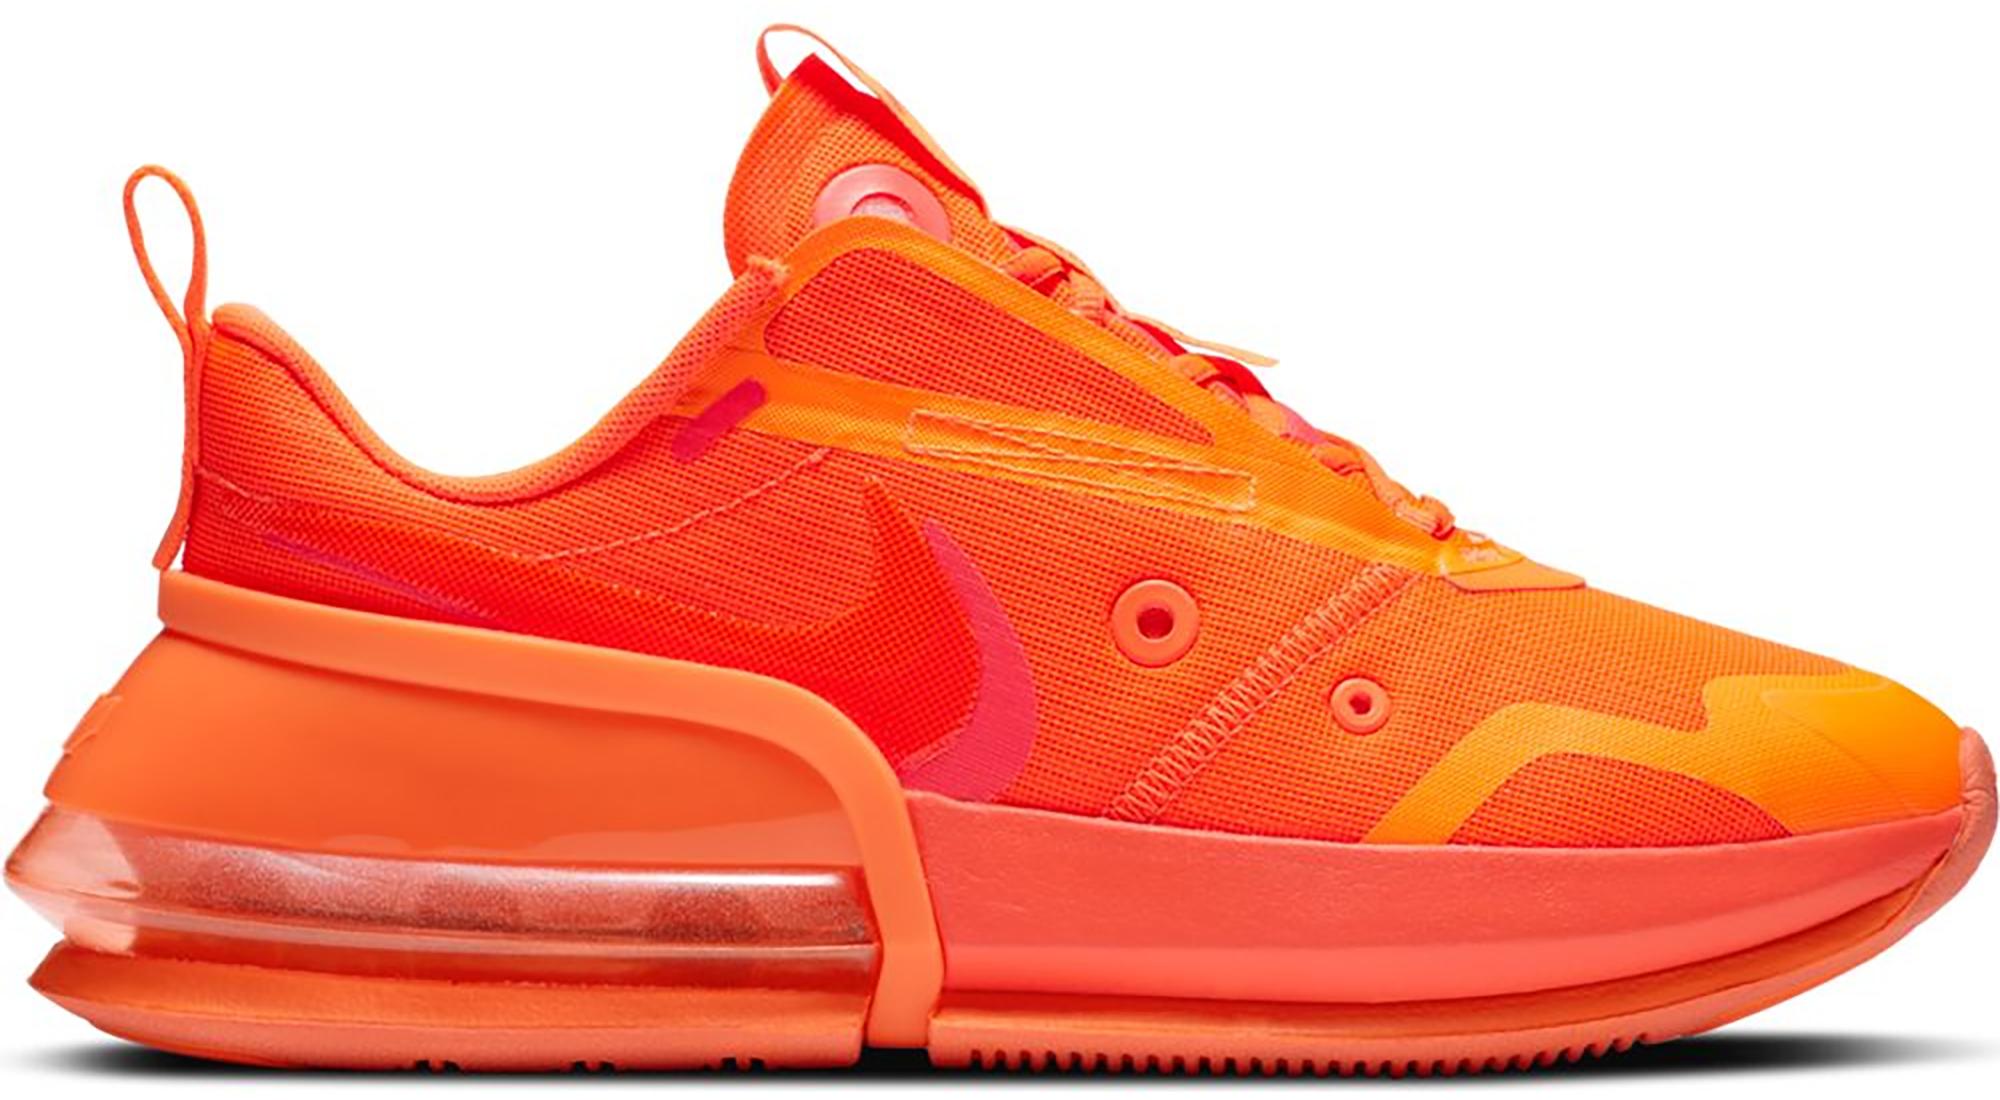 Nike Air Max Up Hyper Crimson Total